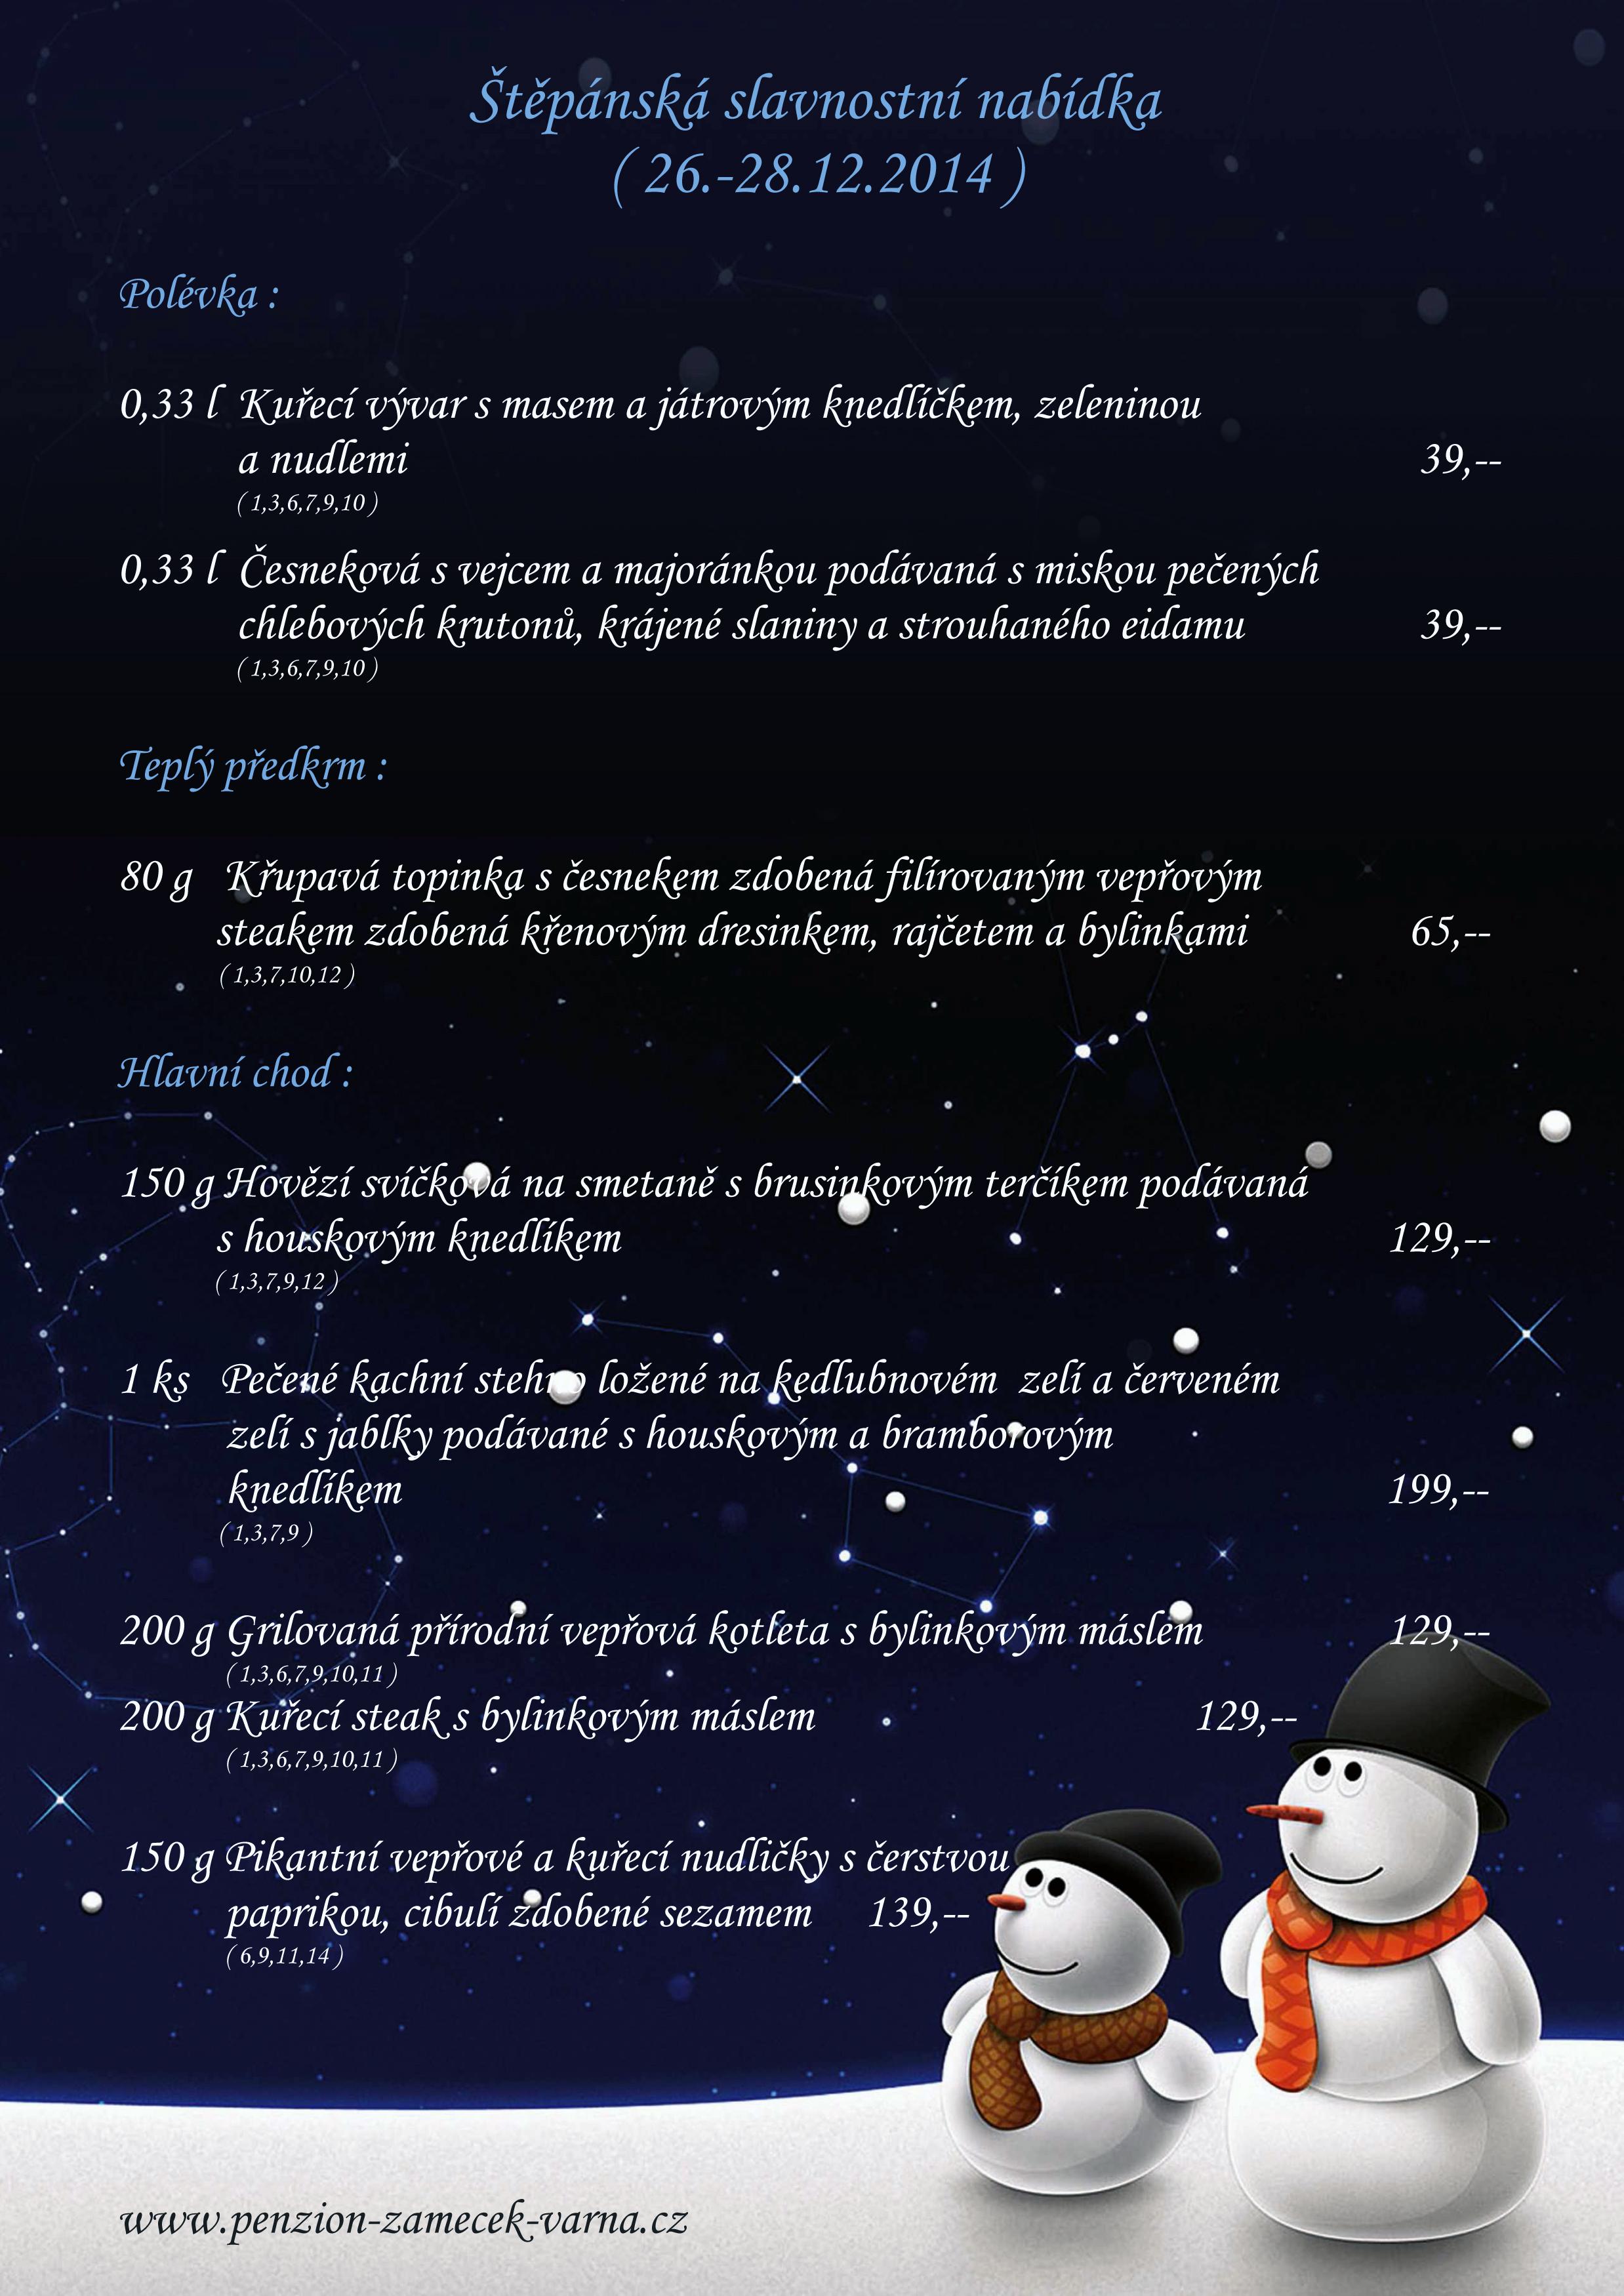 Štěpánská nabídka 26.-28.12.2014